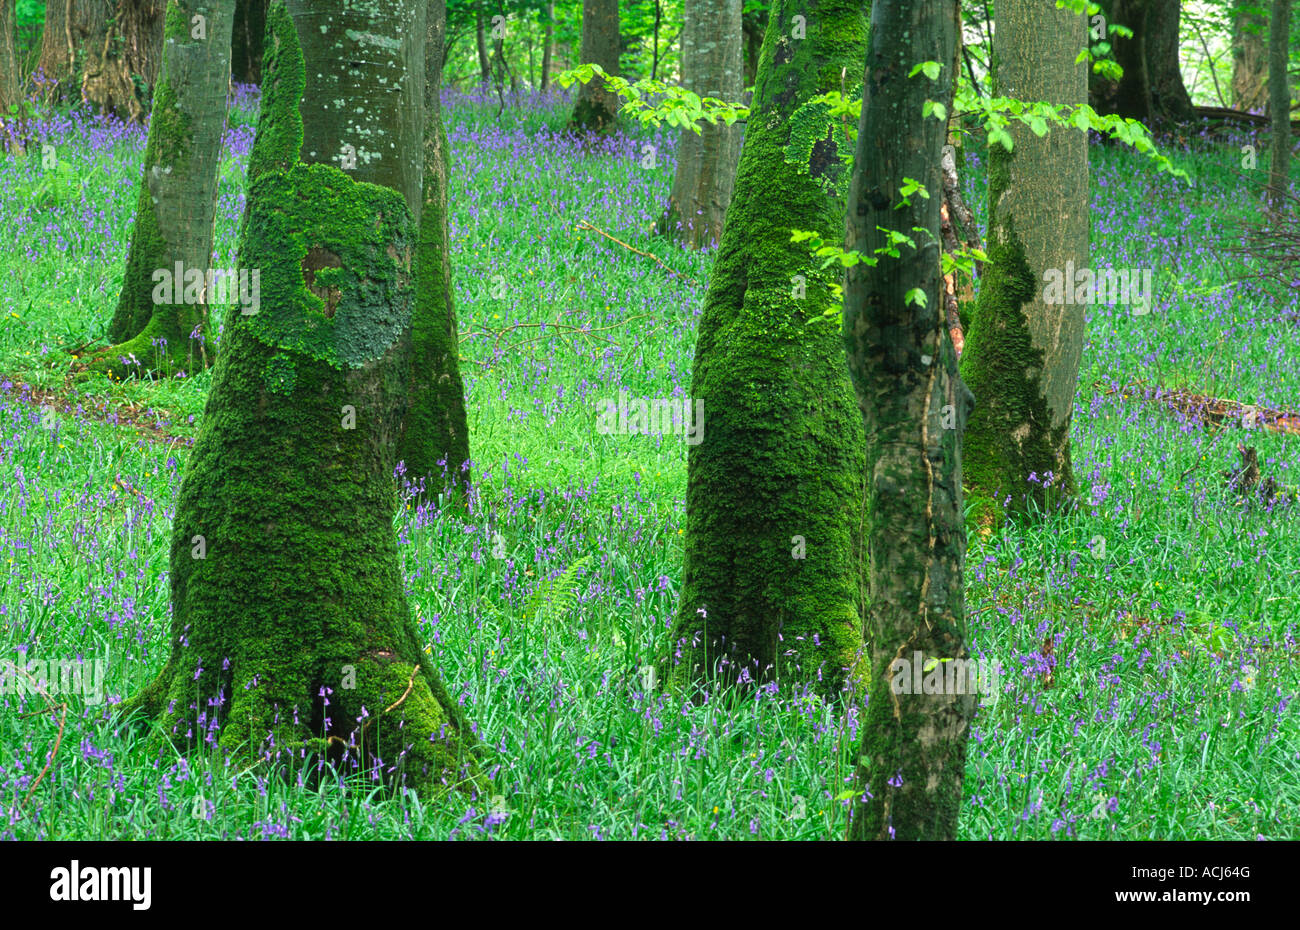 Printemps jacinthes et troncs d'arbres couverts de mousse dans un bois de hêtre dans le Parc National de Photo Stock